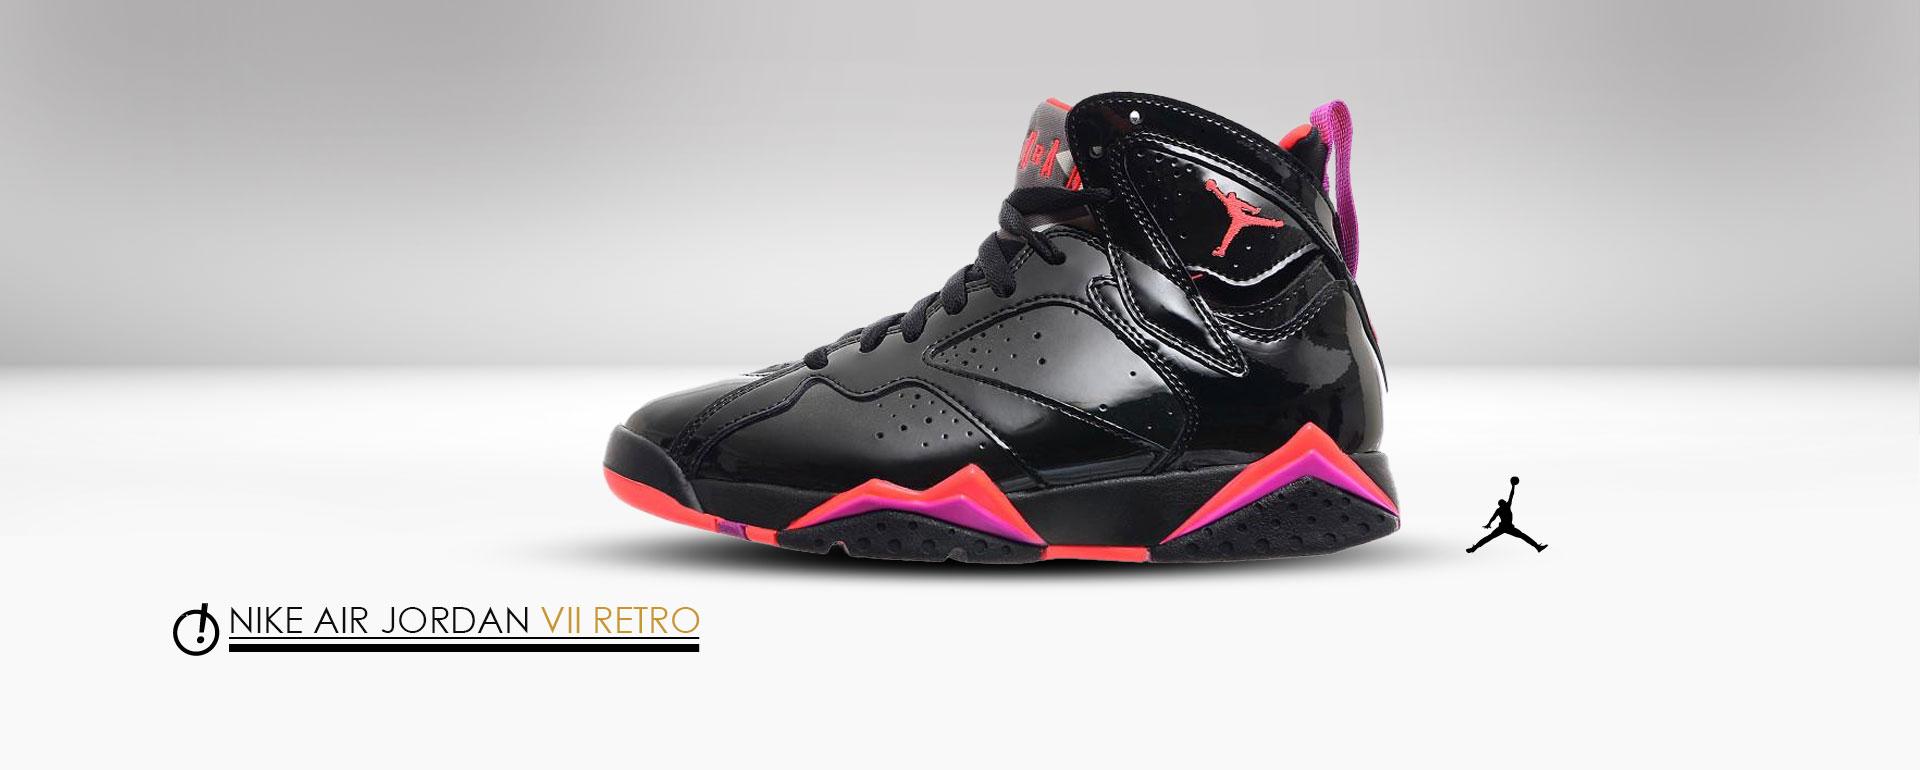 Nike Air Jordan VII Retro